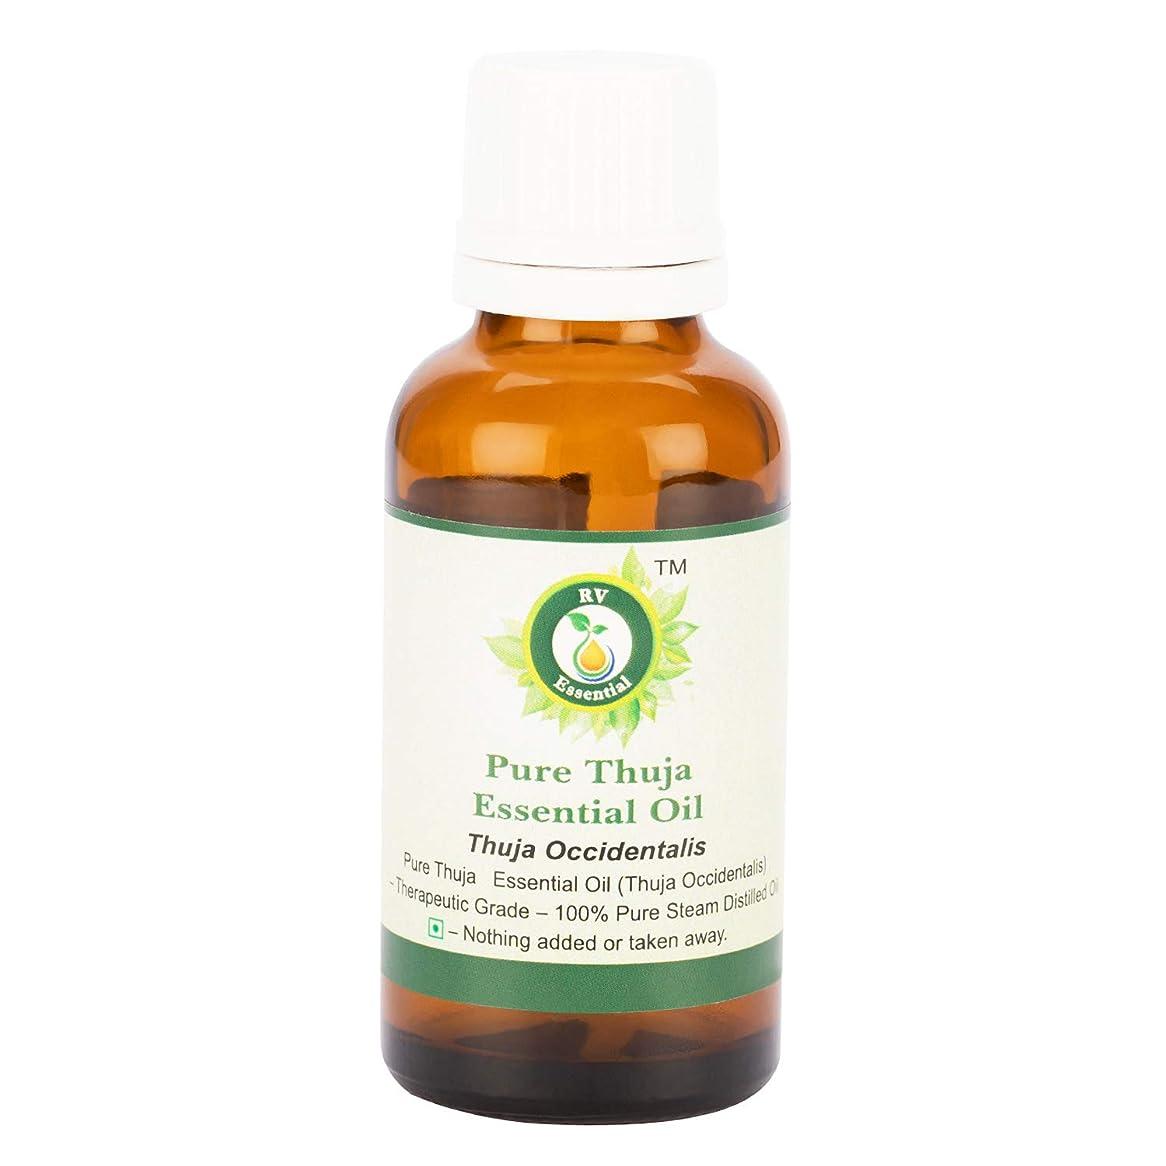 不一致氏配偶者ピュアThujaエッセンシャルオイル300ml (10oz)- Thuja Occidentalis (100%純粋&天然スチームDistilled) Pure Thuja Essential Oil